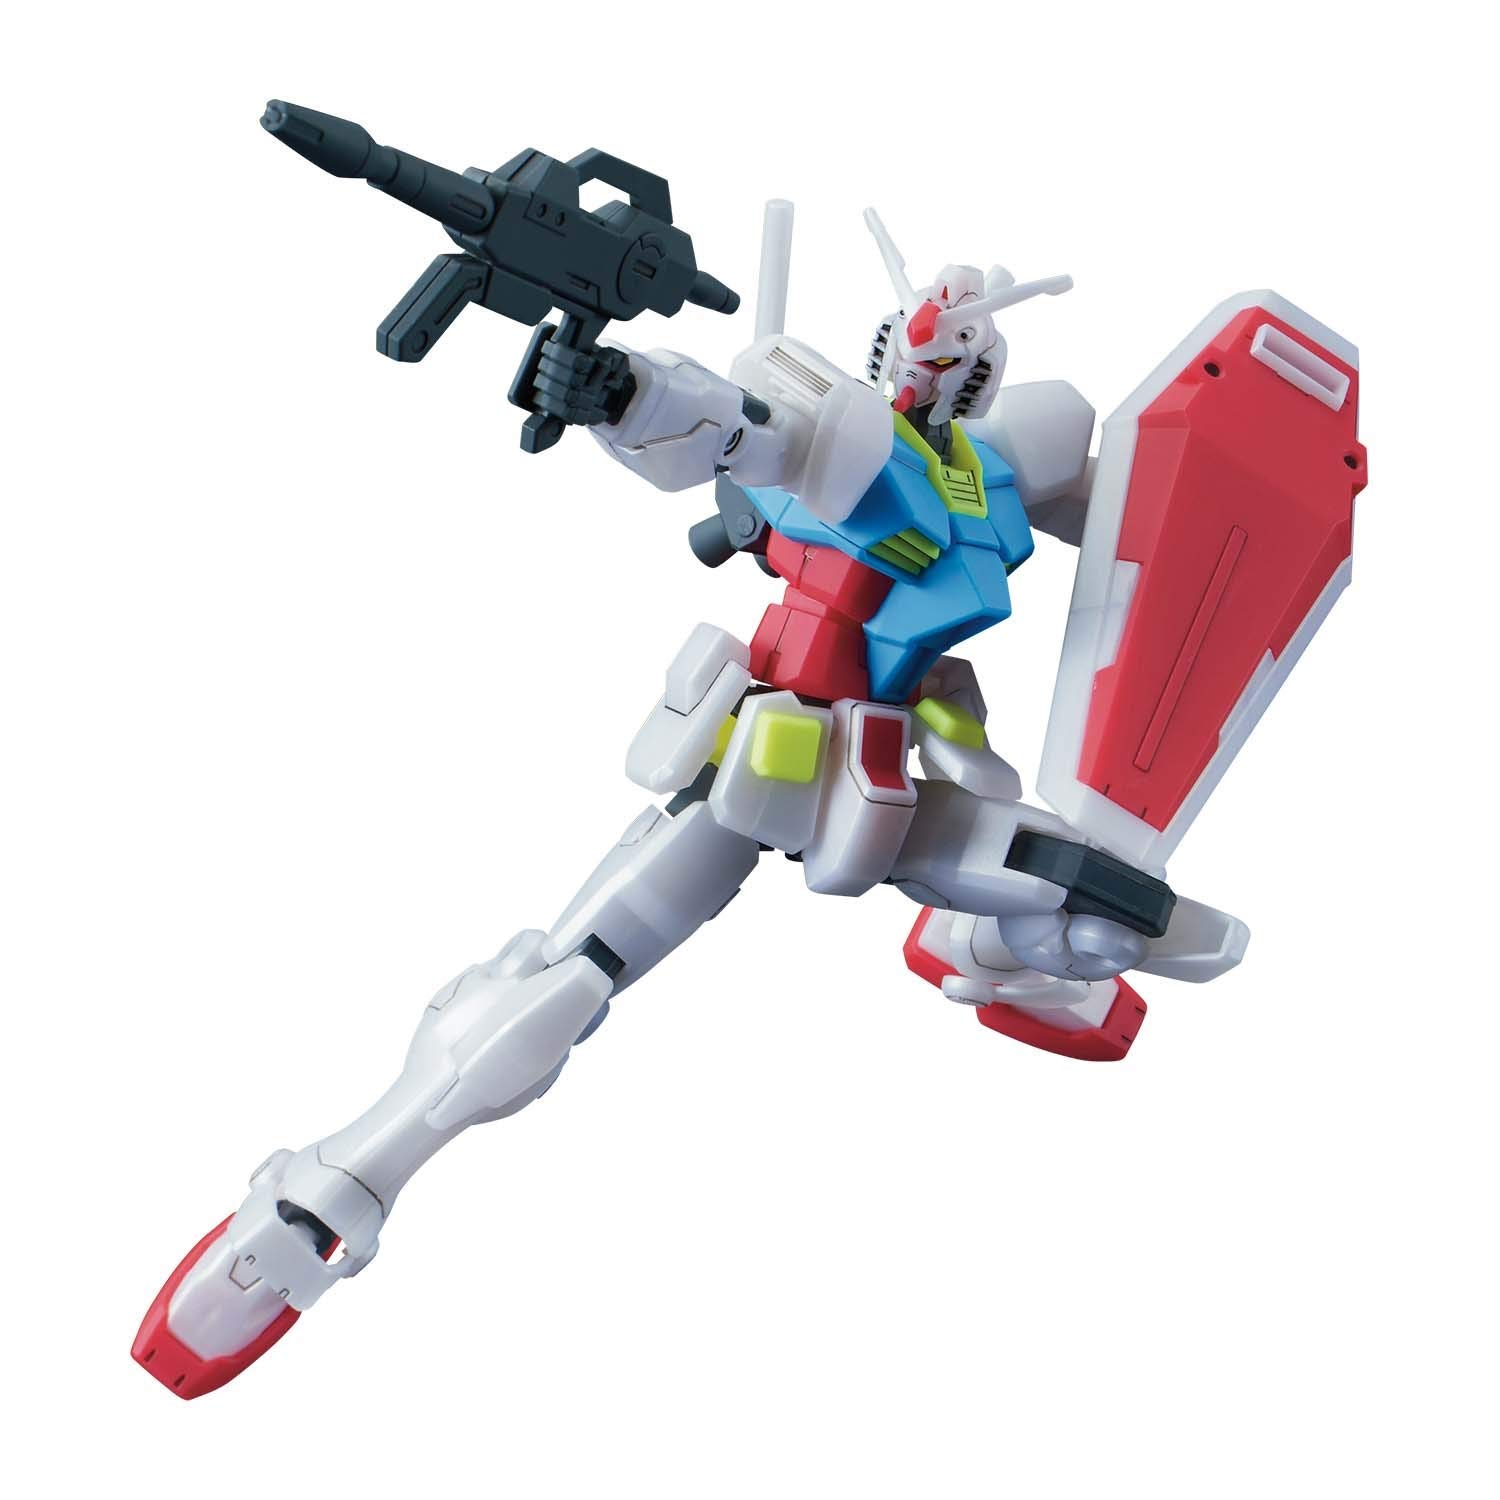 Bandai Hobby Gundam Build Divers Action Figure, White